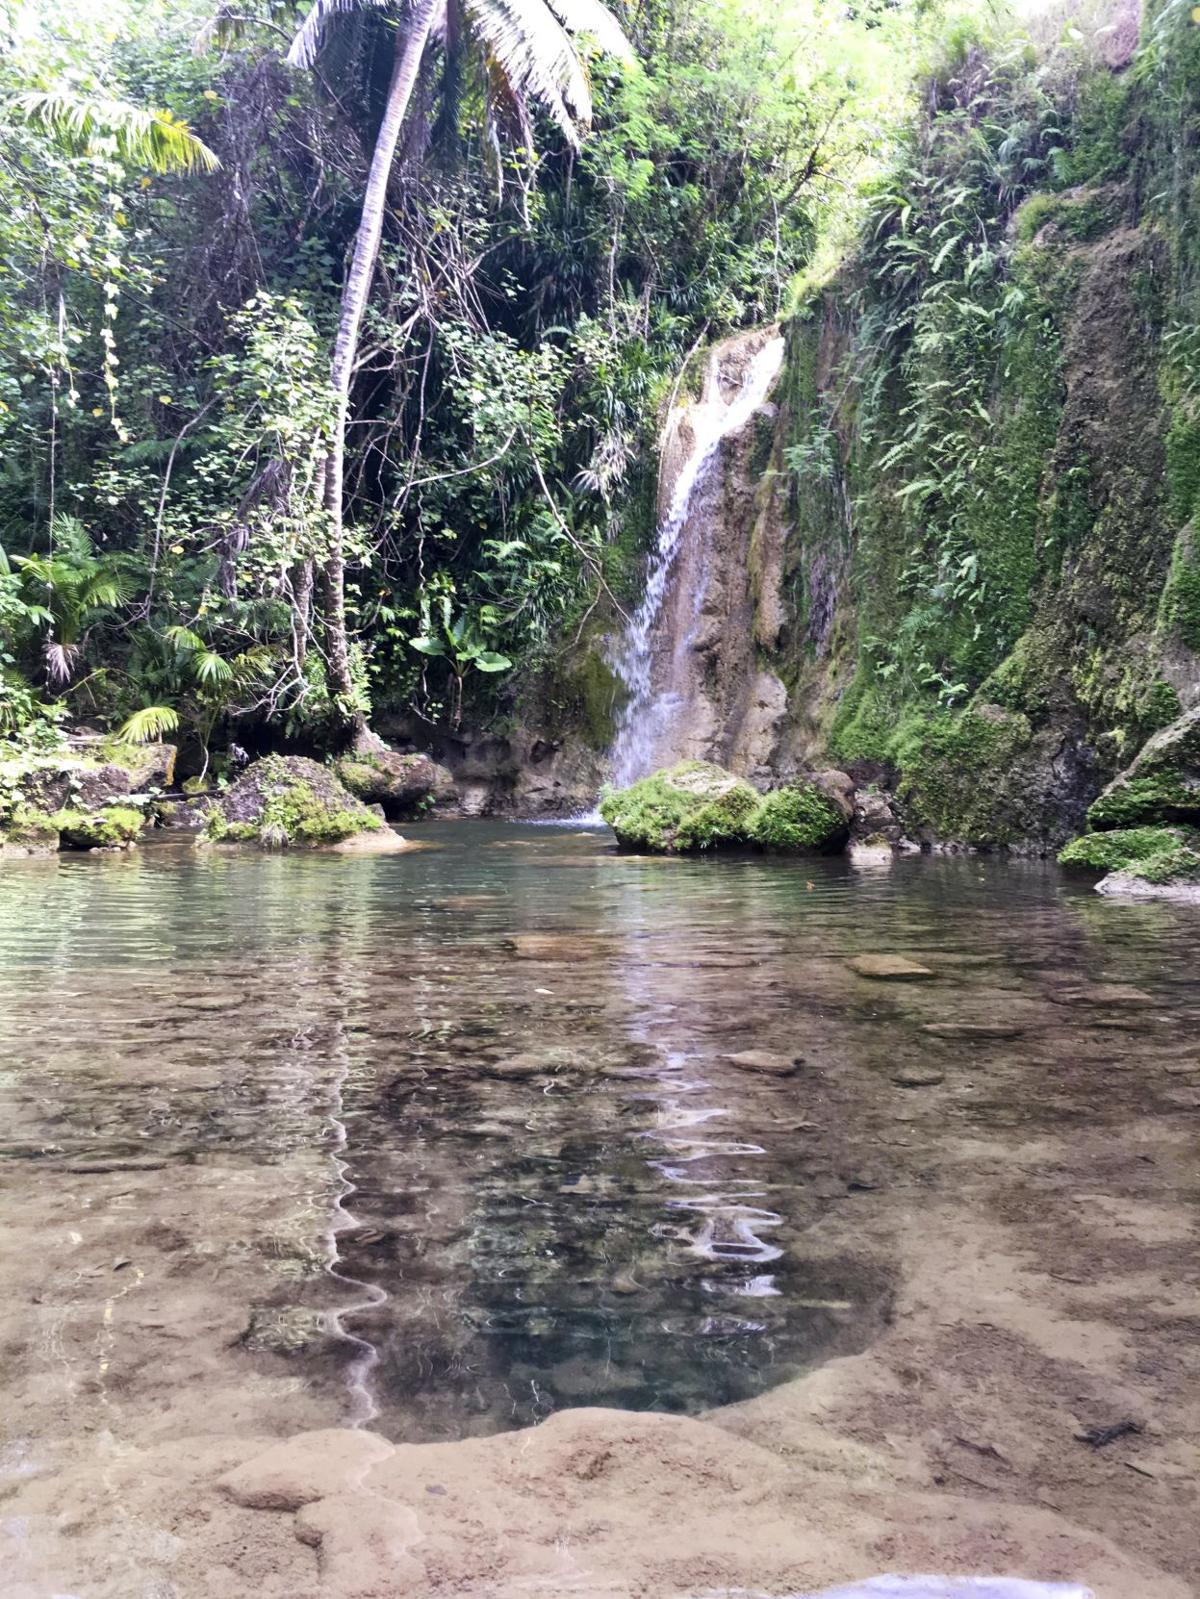 Hidden gems of the jungle